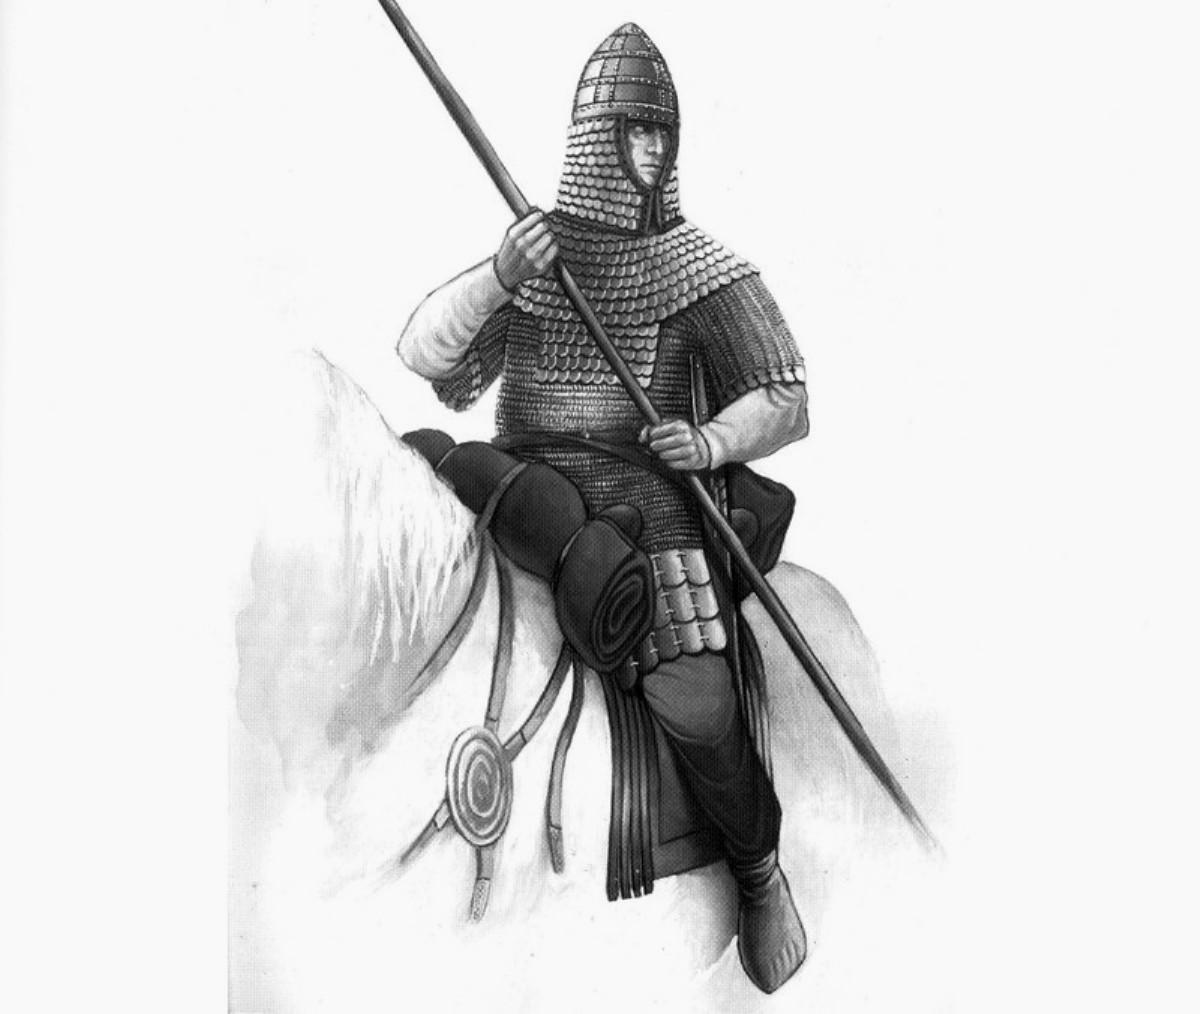 рисунок всадник рыцарь с копьем, скачать